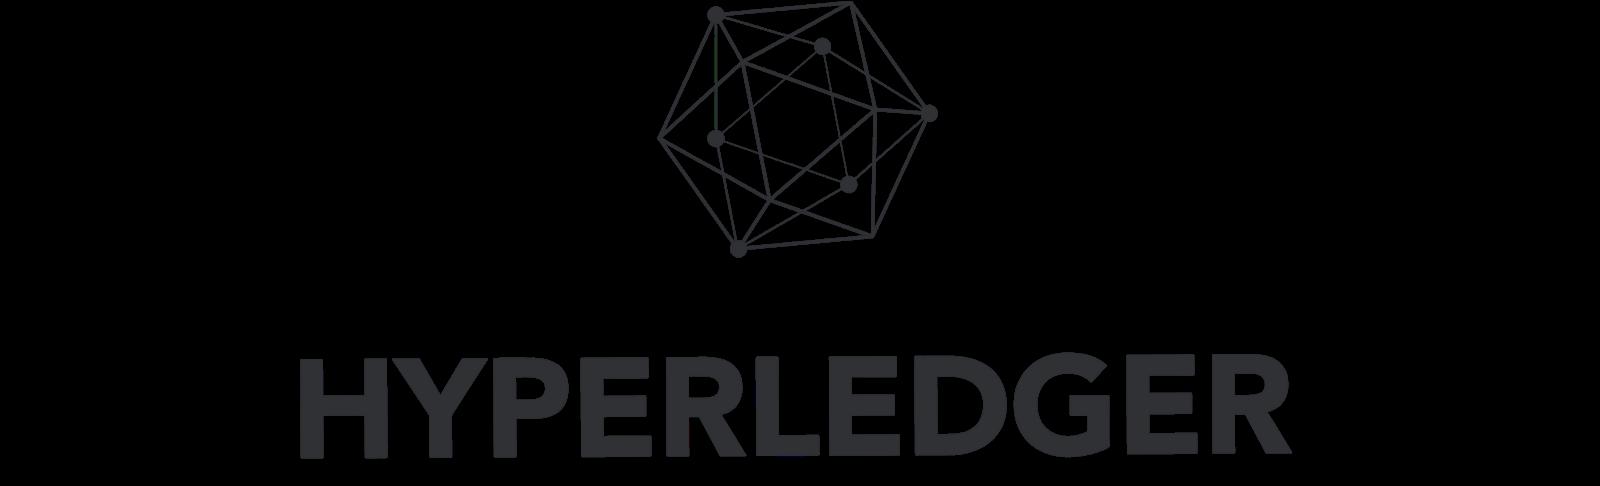 Hyperledger-logo